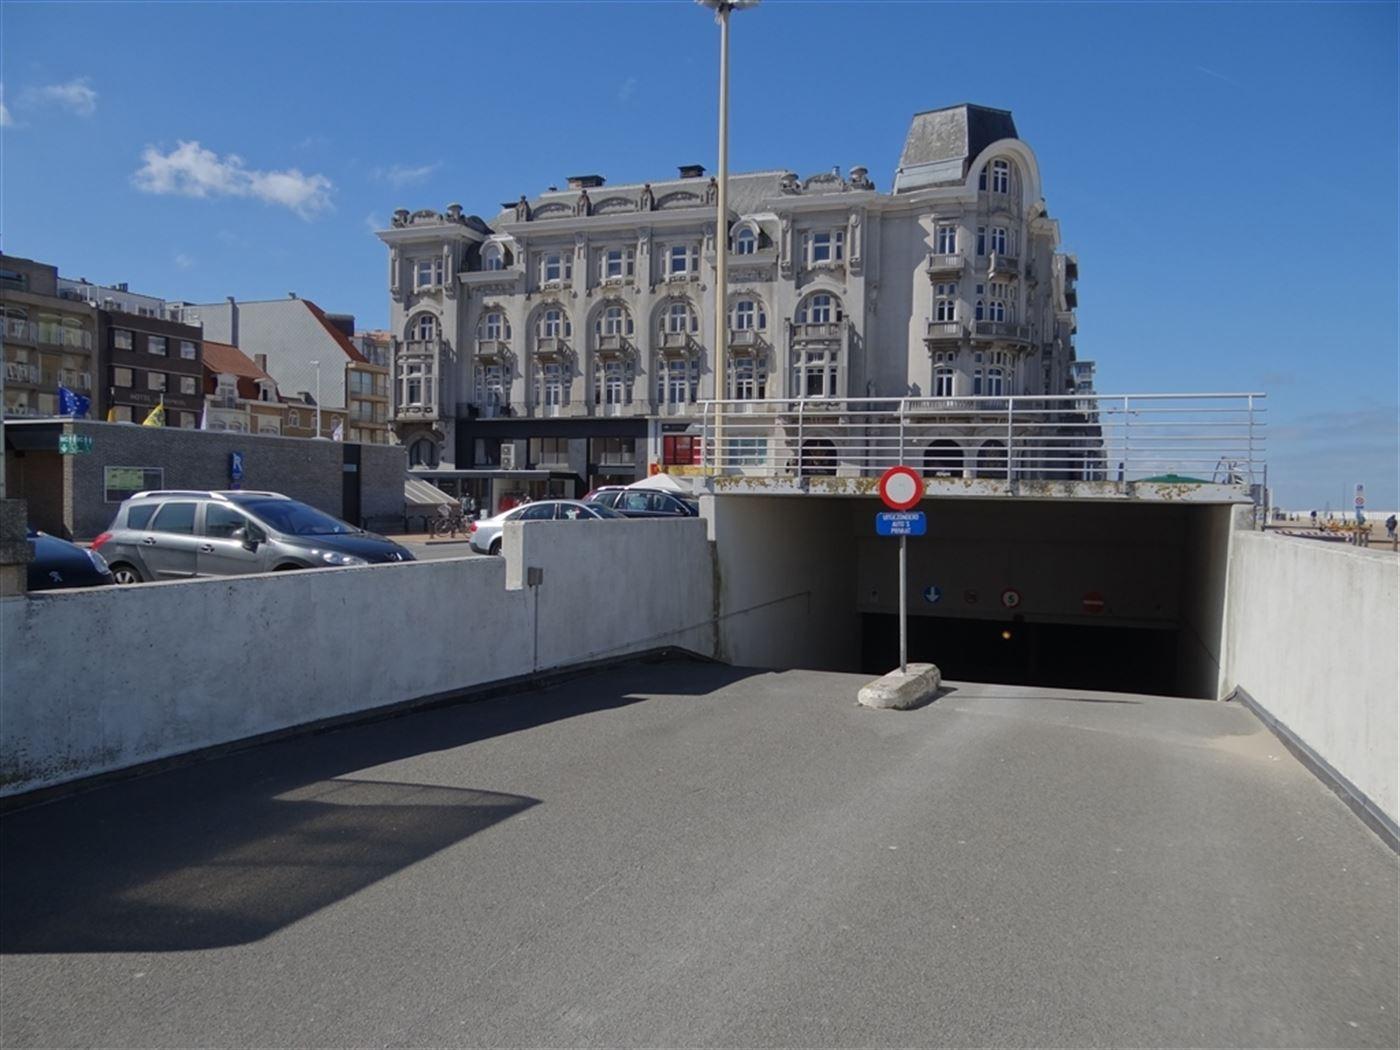 Hendrikaplein garage 180 - Gelegen op het niveau -2 - Afm. 2m85 x 5m35 - Volle eigendom...